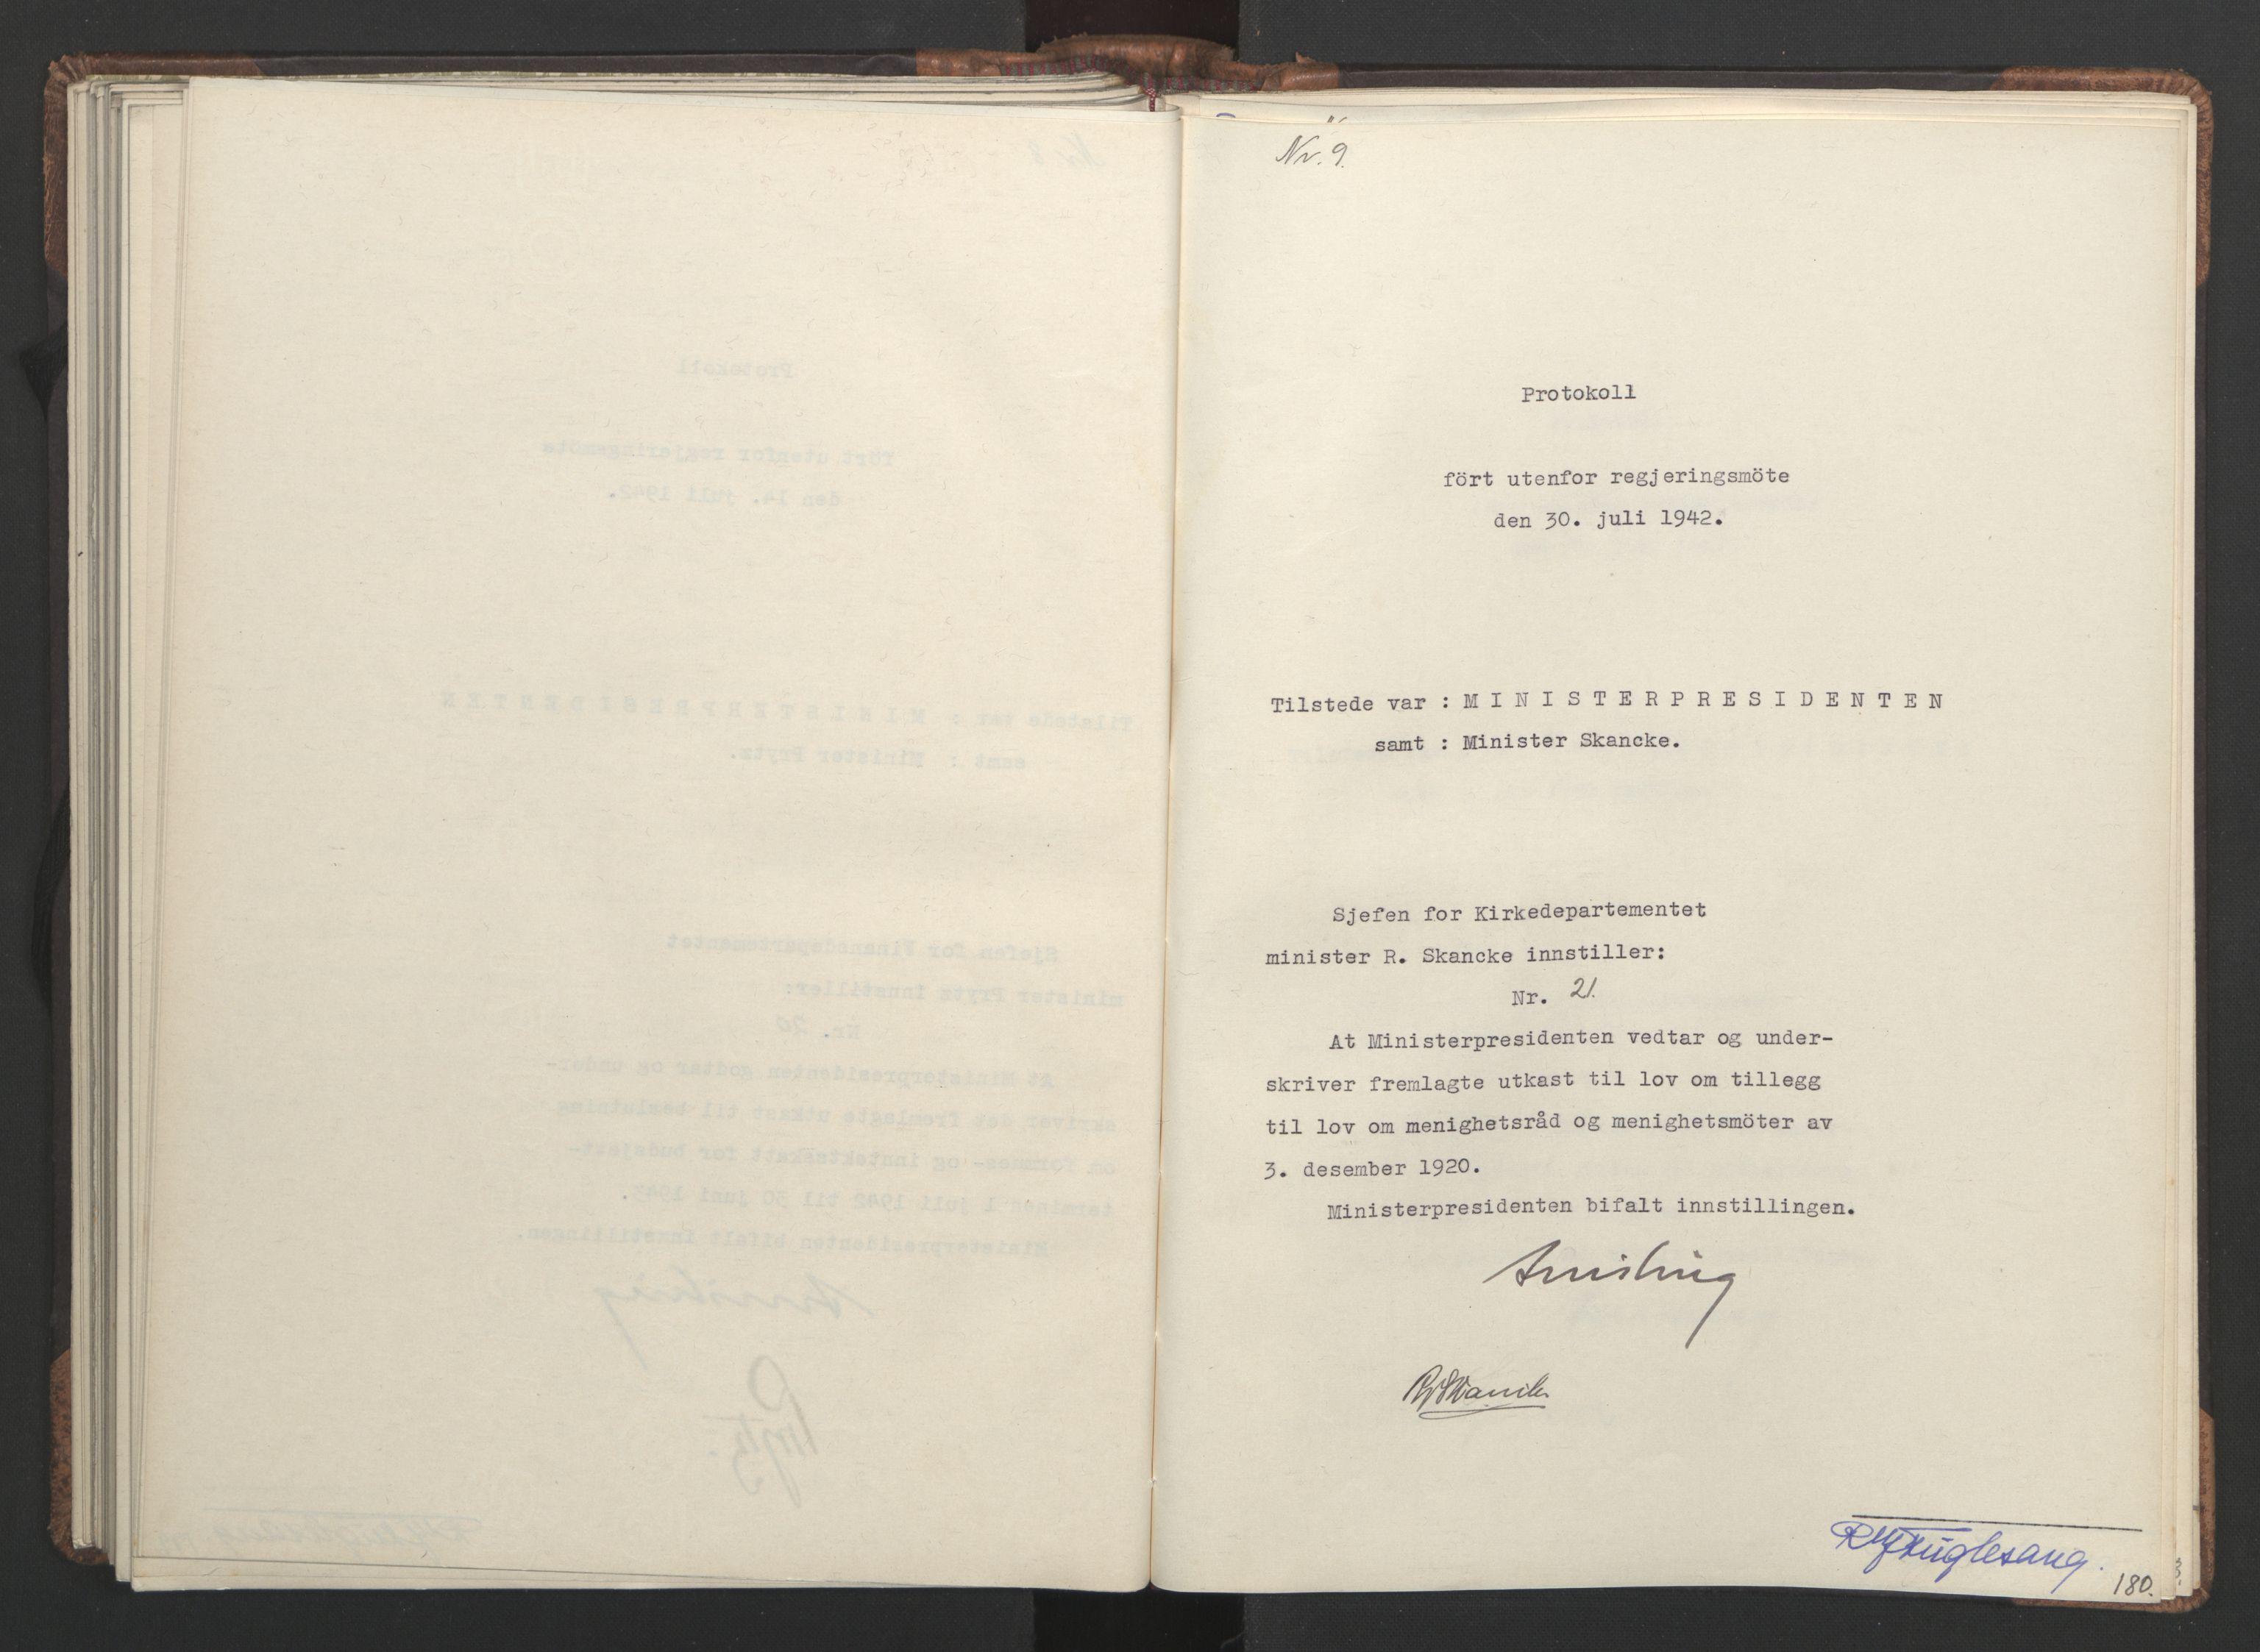 RA, NS-administrasjonen 1940-1945 (Statsrådsekretariatet, de kommisariske statsråder mm), D/Da/L0001: Beslutninger og tillegg (1-952 og 1-32), 1942, s. 179b-180a